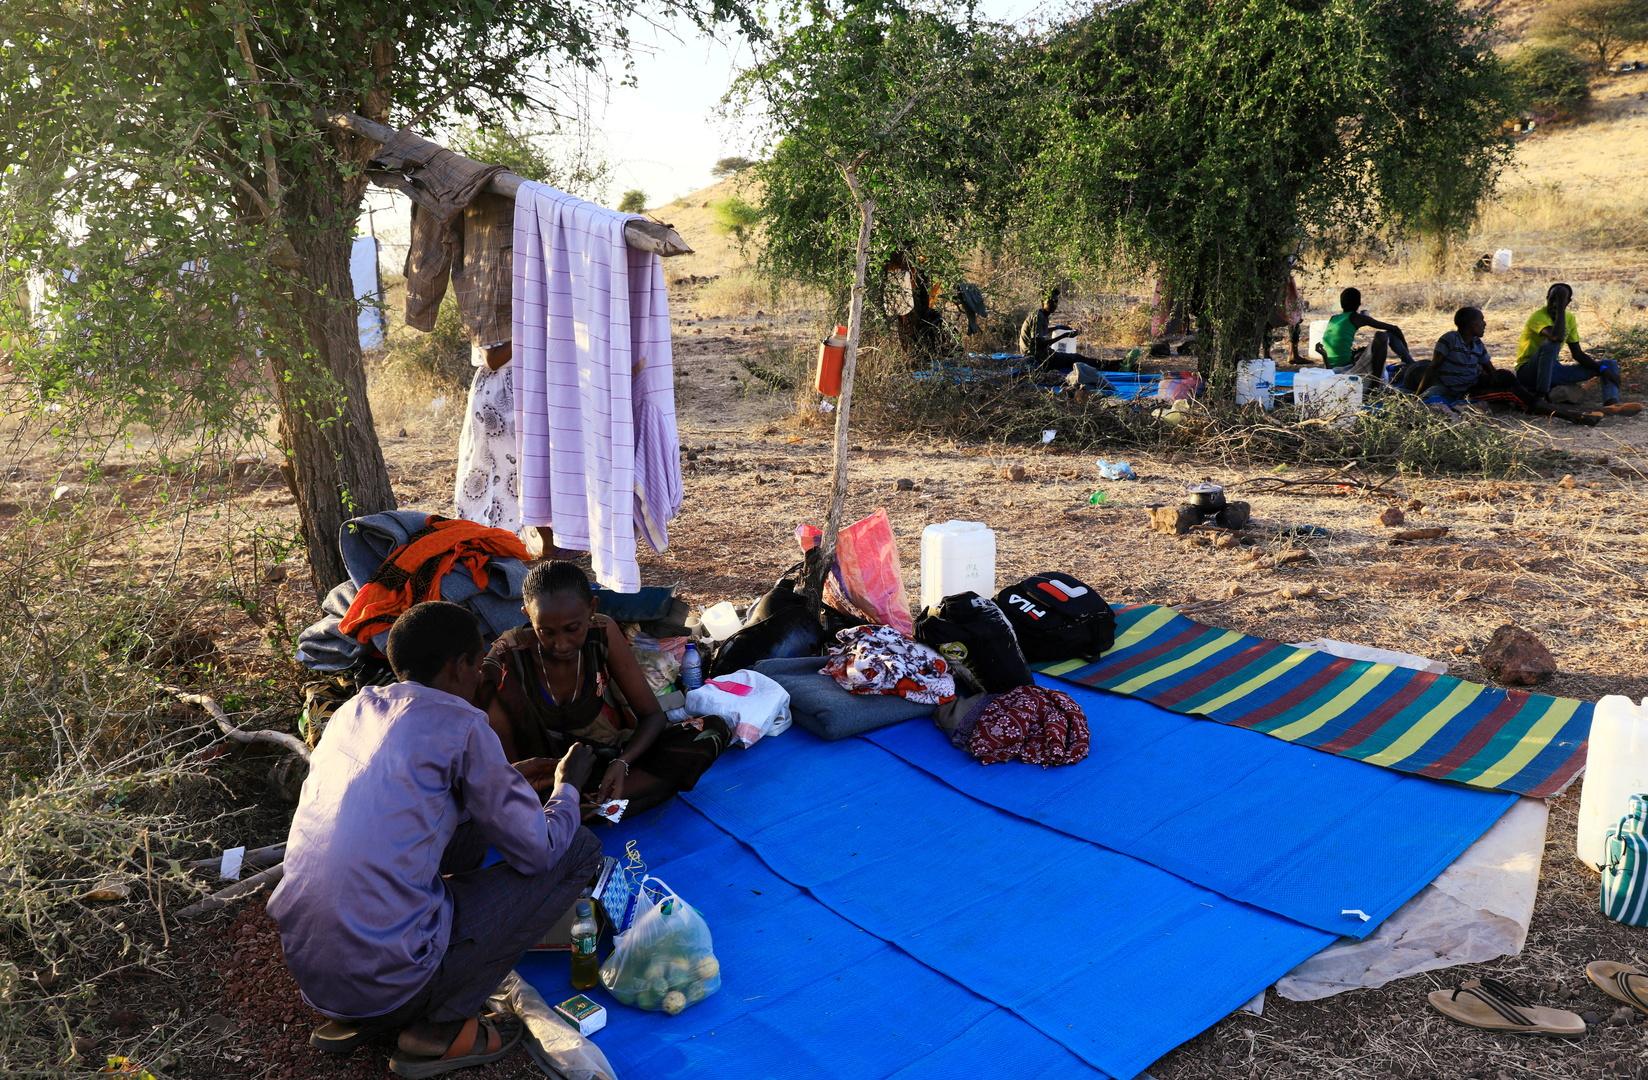 الأمم المتحدة تطلب من الحكومة الإثيوبية السماح لها بالوصول إلى 96 ألف لاجئ إريتيري في تيغراي